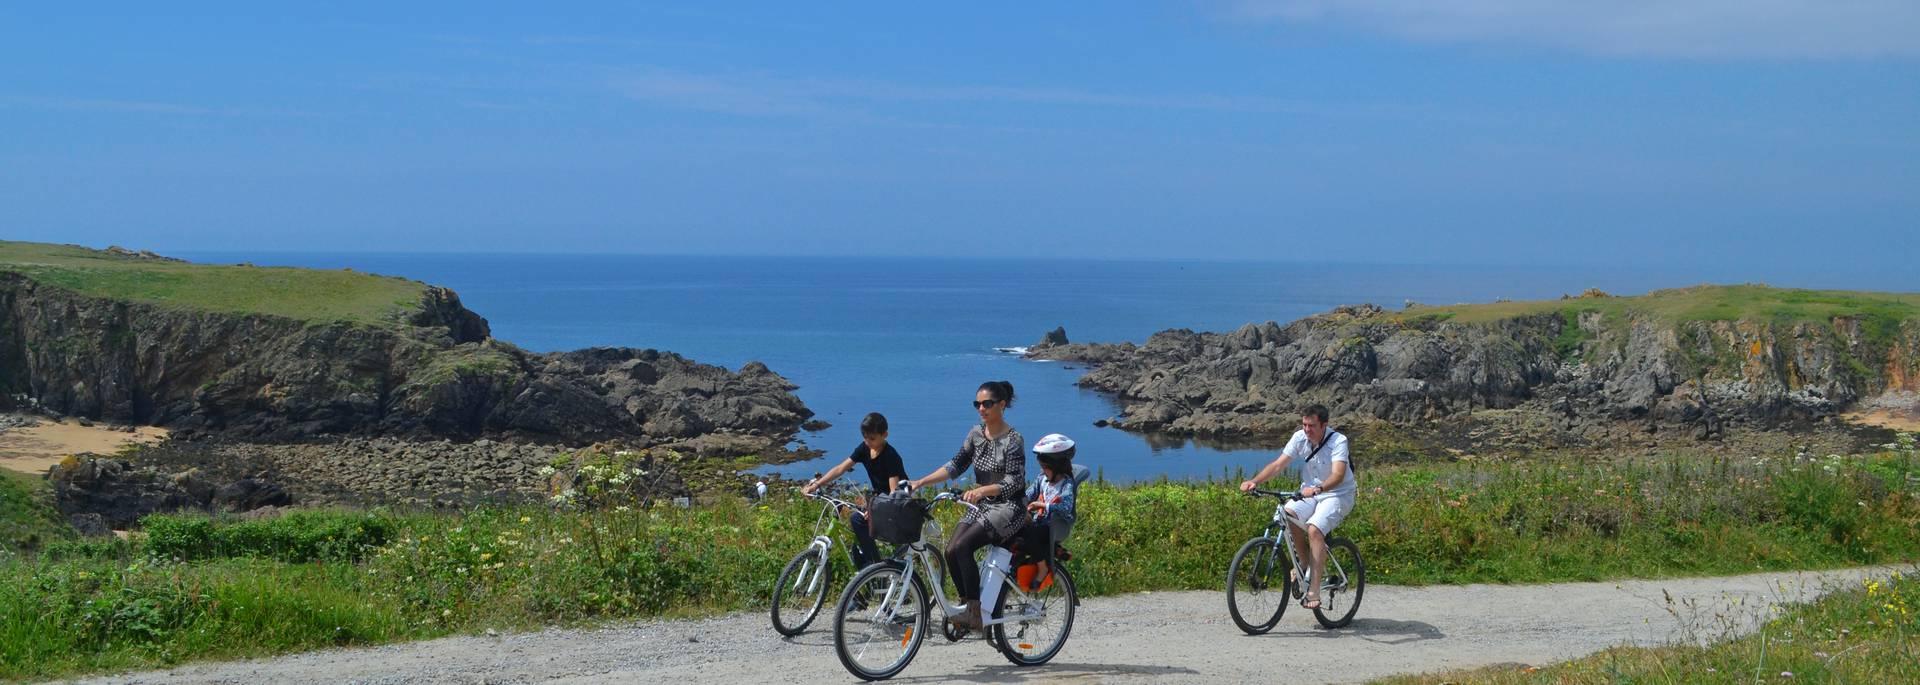 Balade à vélo- Côte rocheuse, Ile d'Yeu